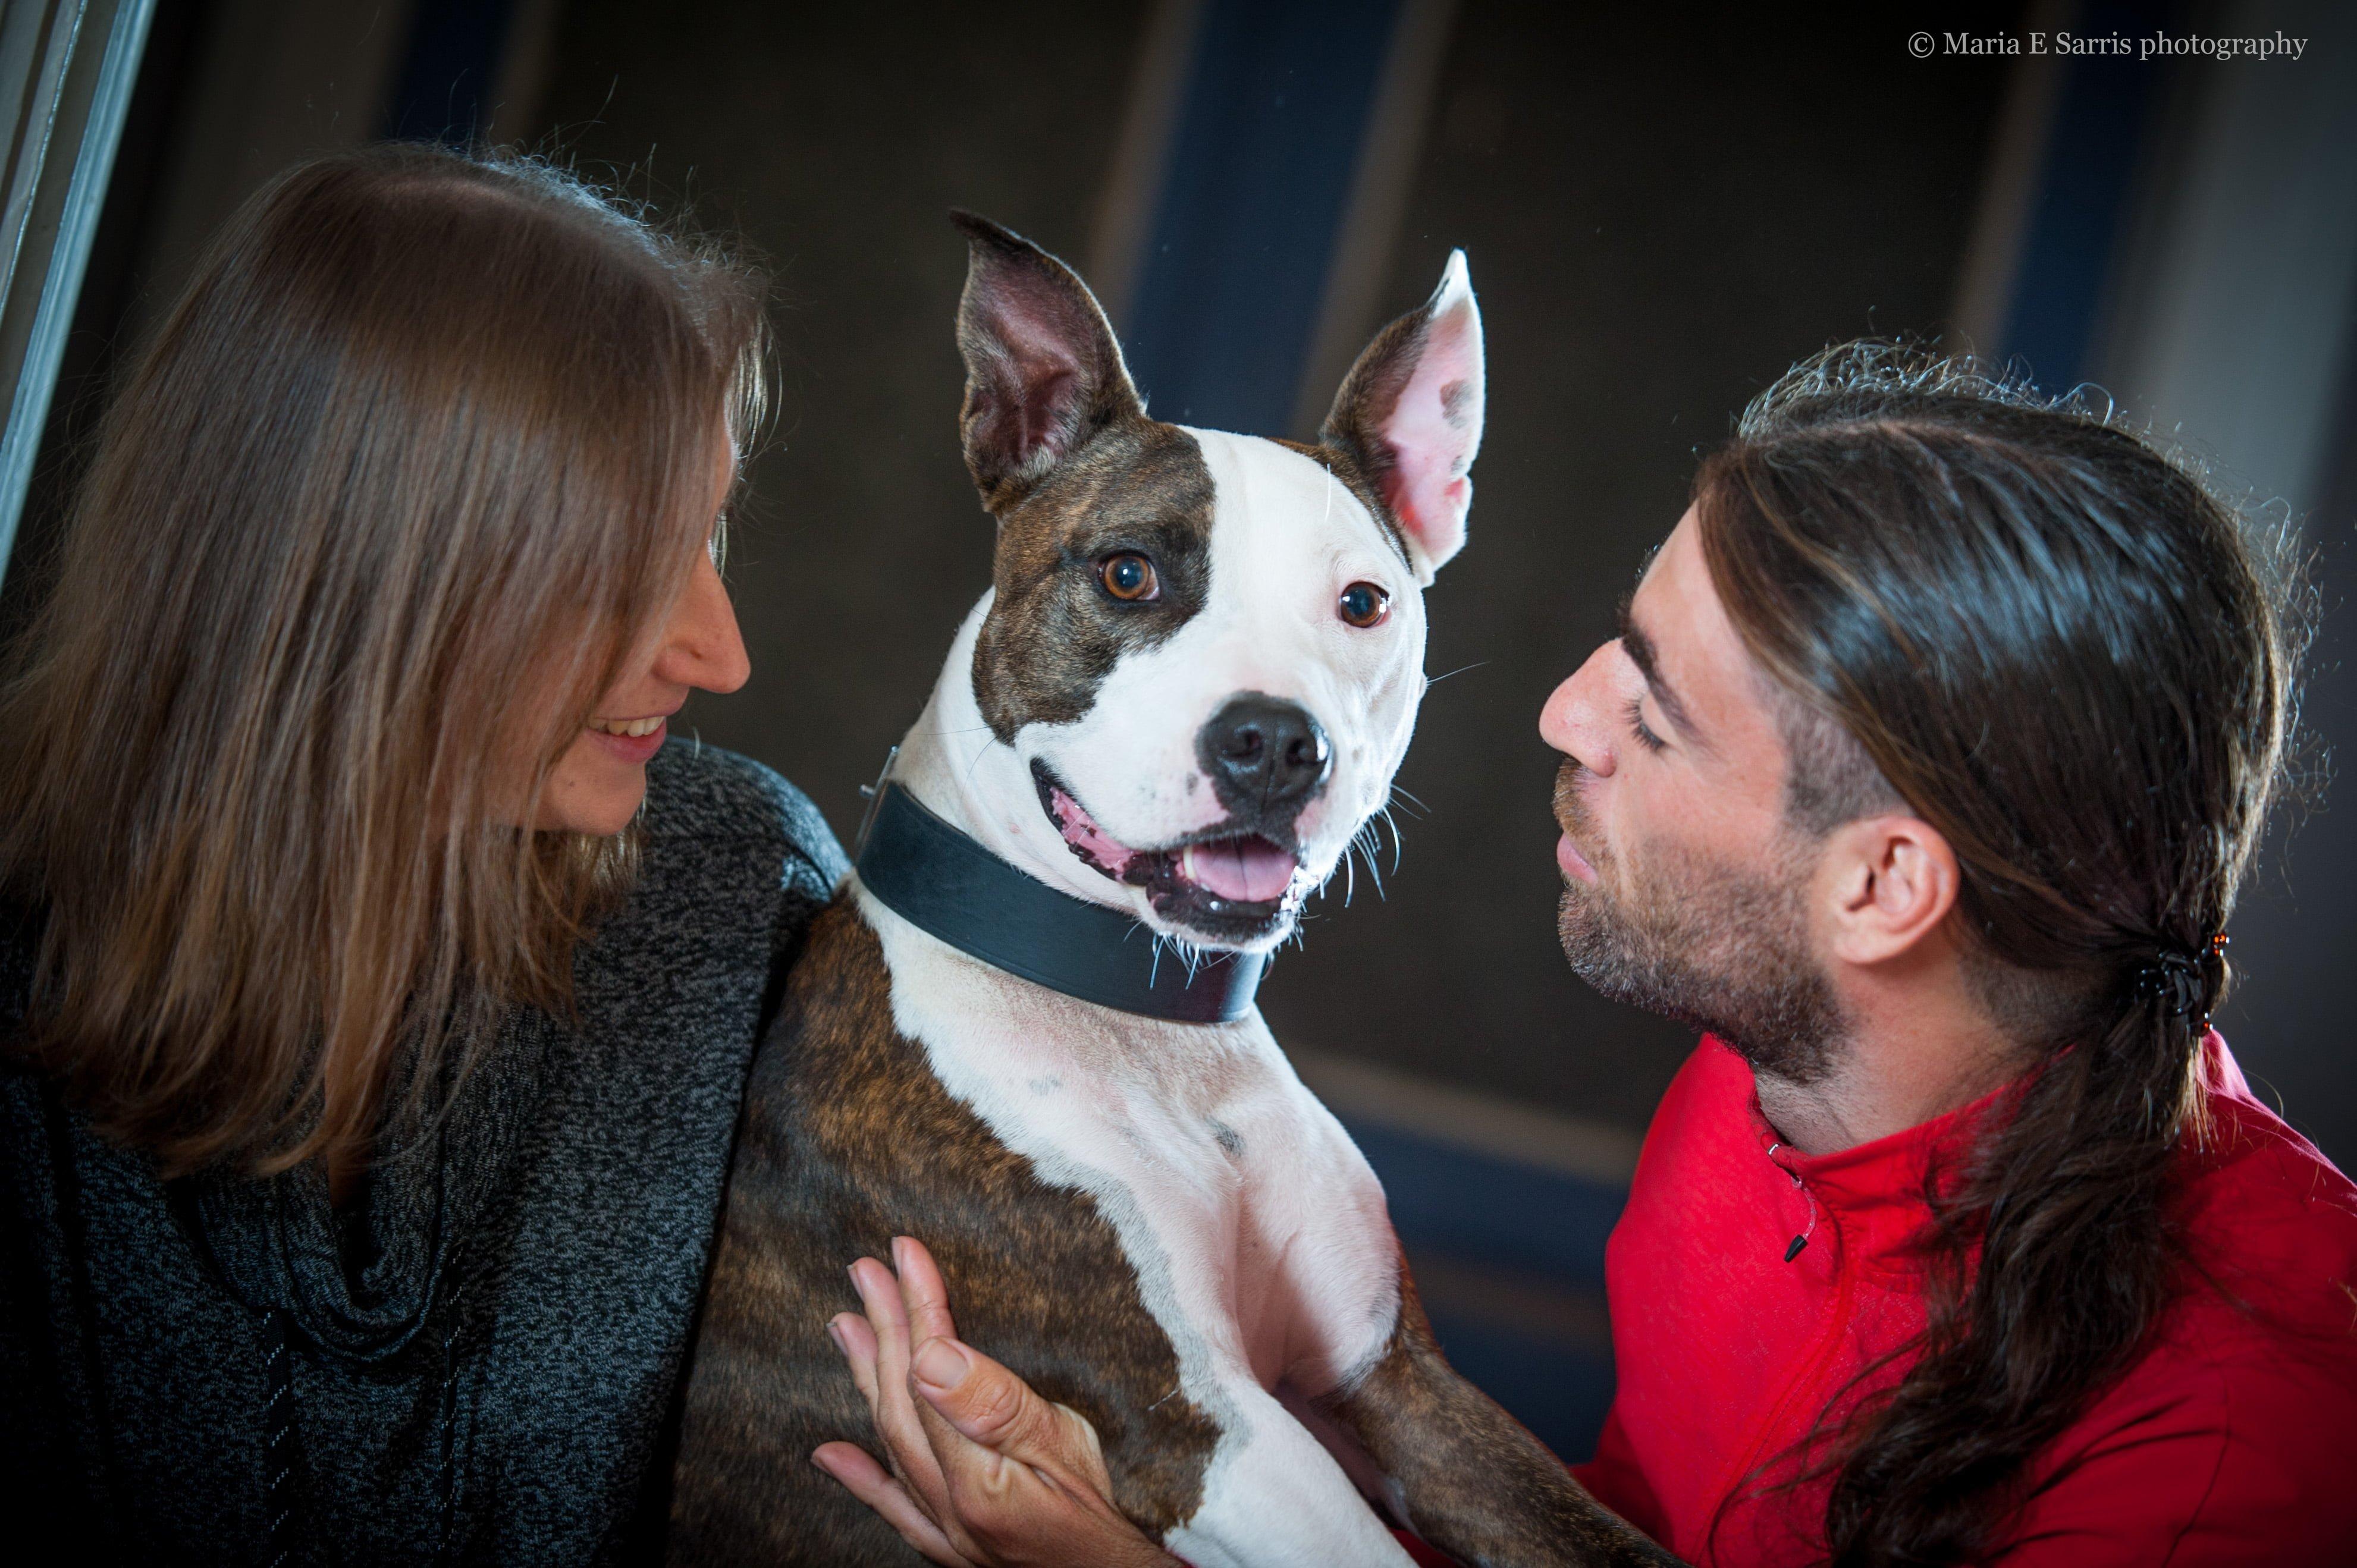 εκπαιδευση σκυλων Χρηστος Κουτσης φωτογραφια Maria E Sarris 8